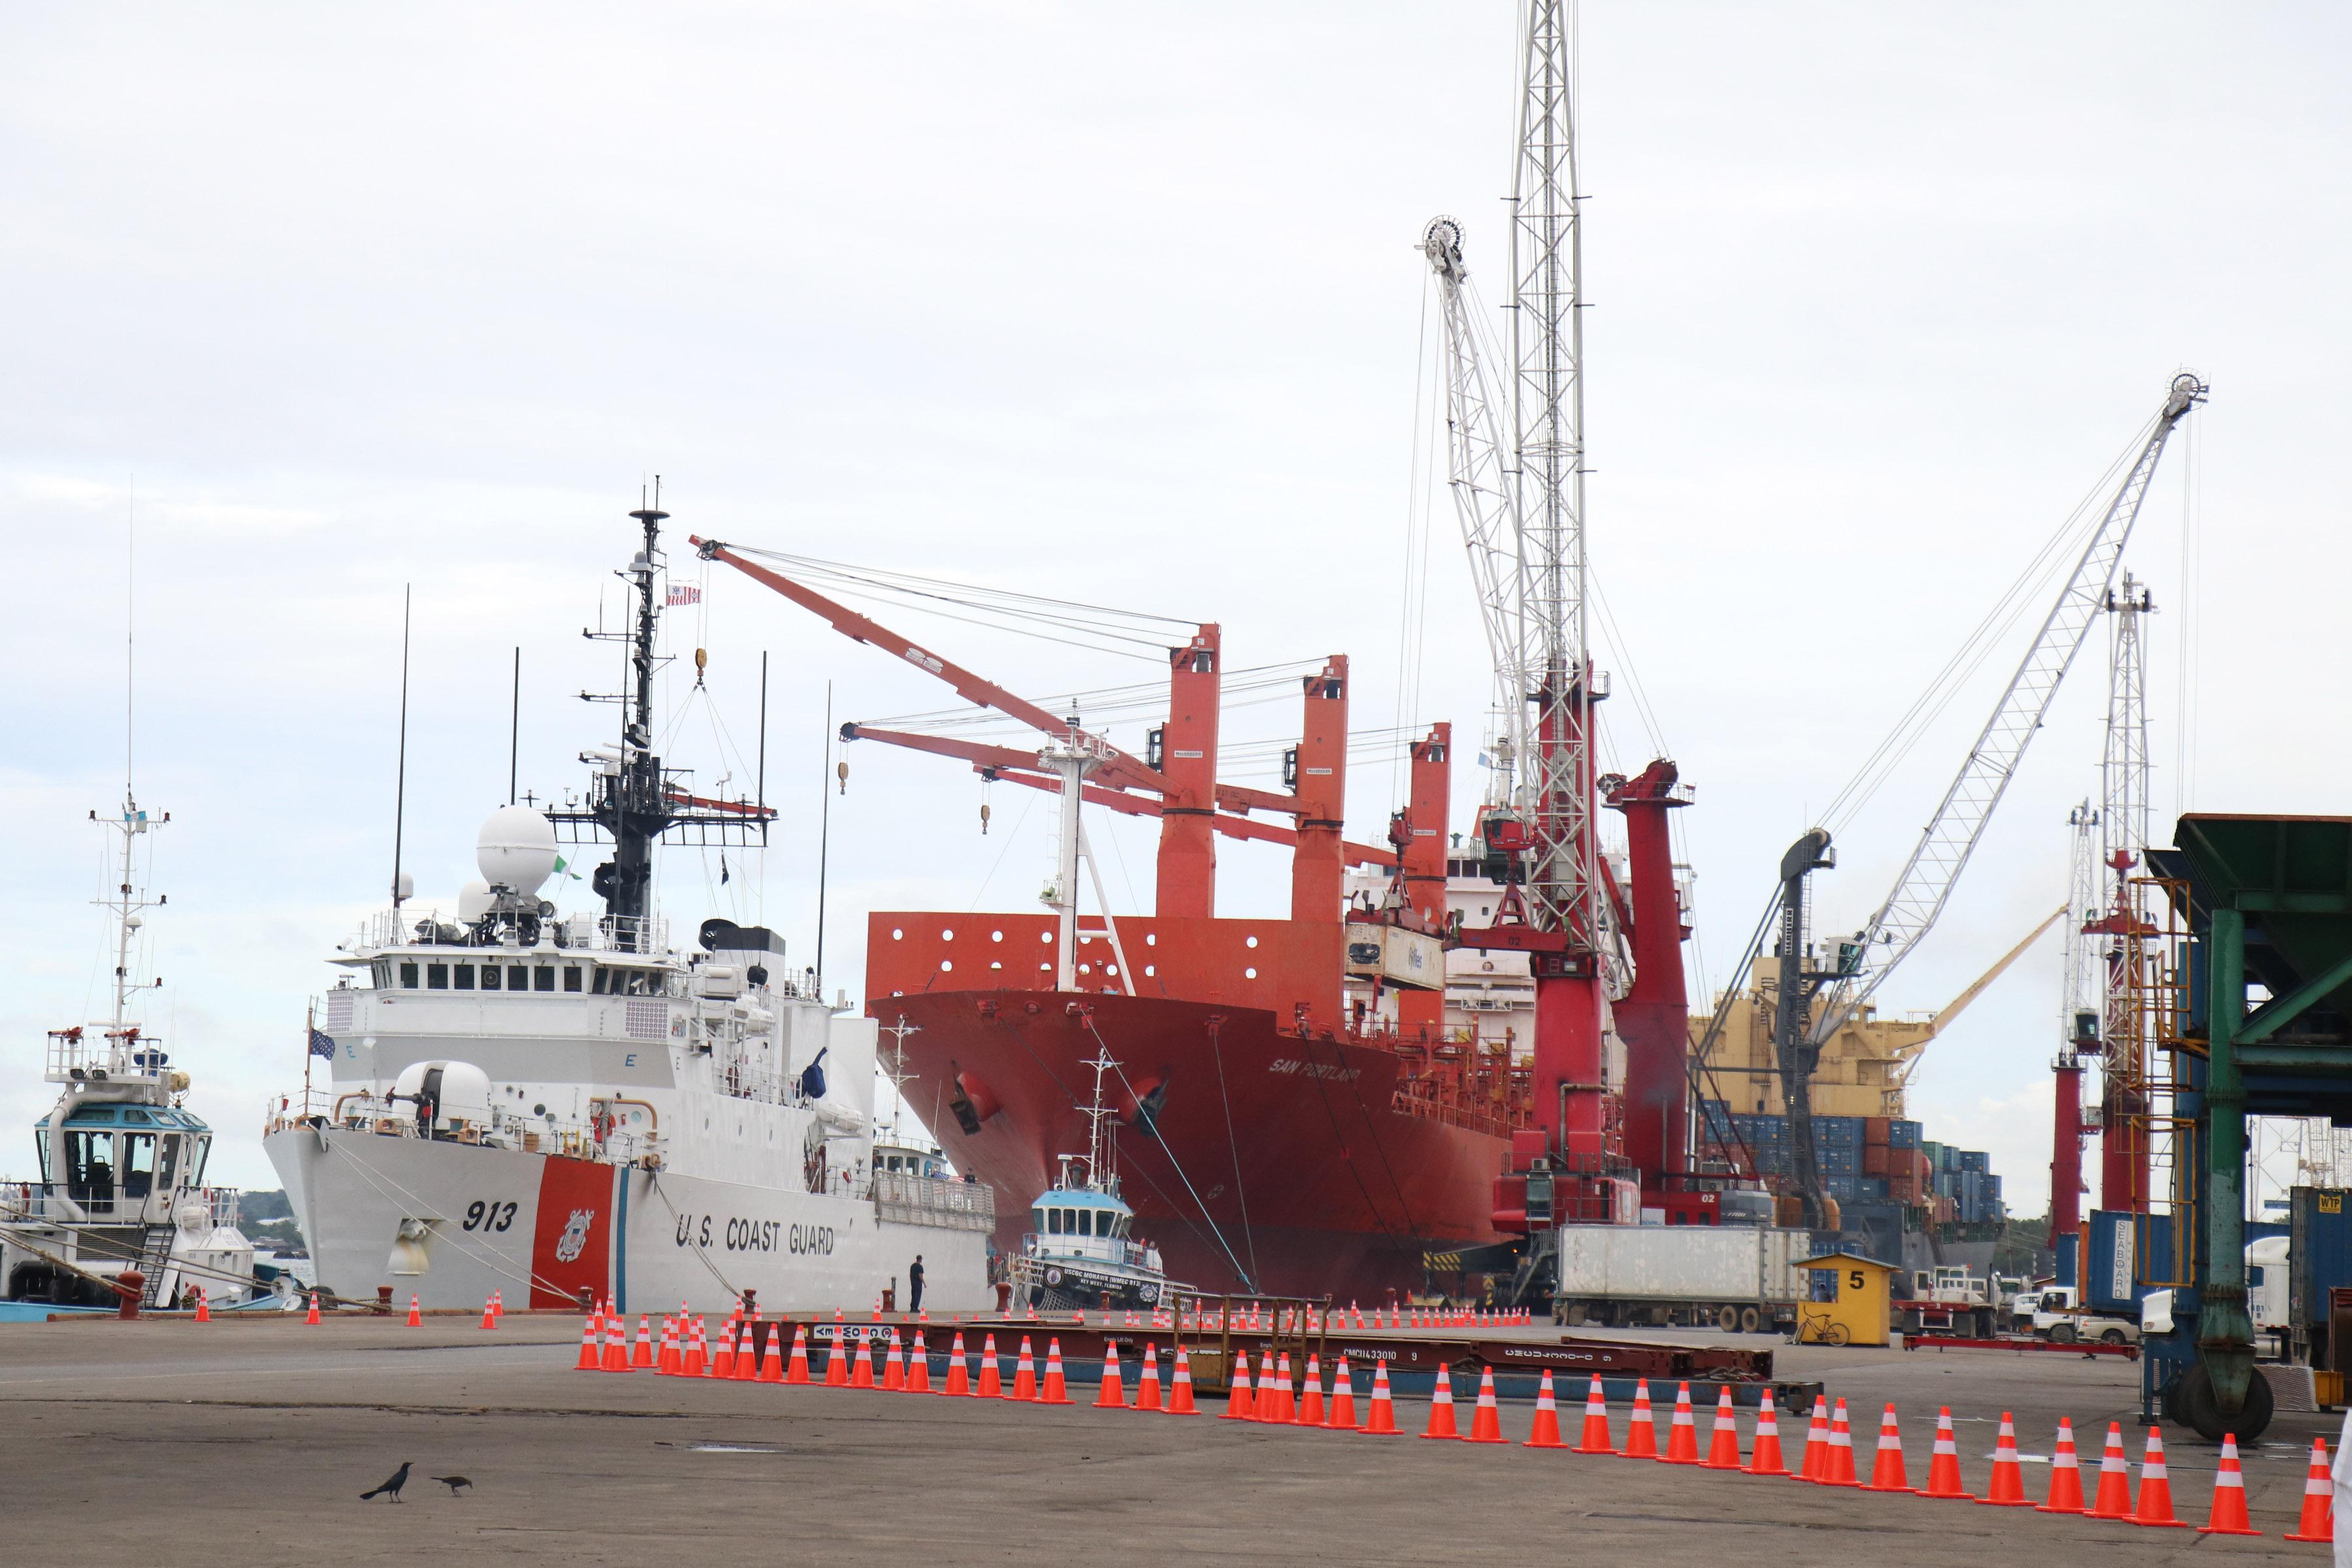 La Empornac fue la terminal que registró una caída en el movimiento de carga de 8%, según las estadísticas de la Comisión Portuaria Nacional. El sistema transportó 26.9 millones de toneladas. (Foto Prensa Libre: Hemeroteca)